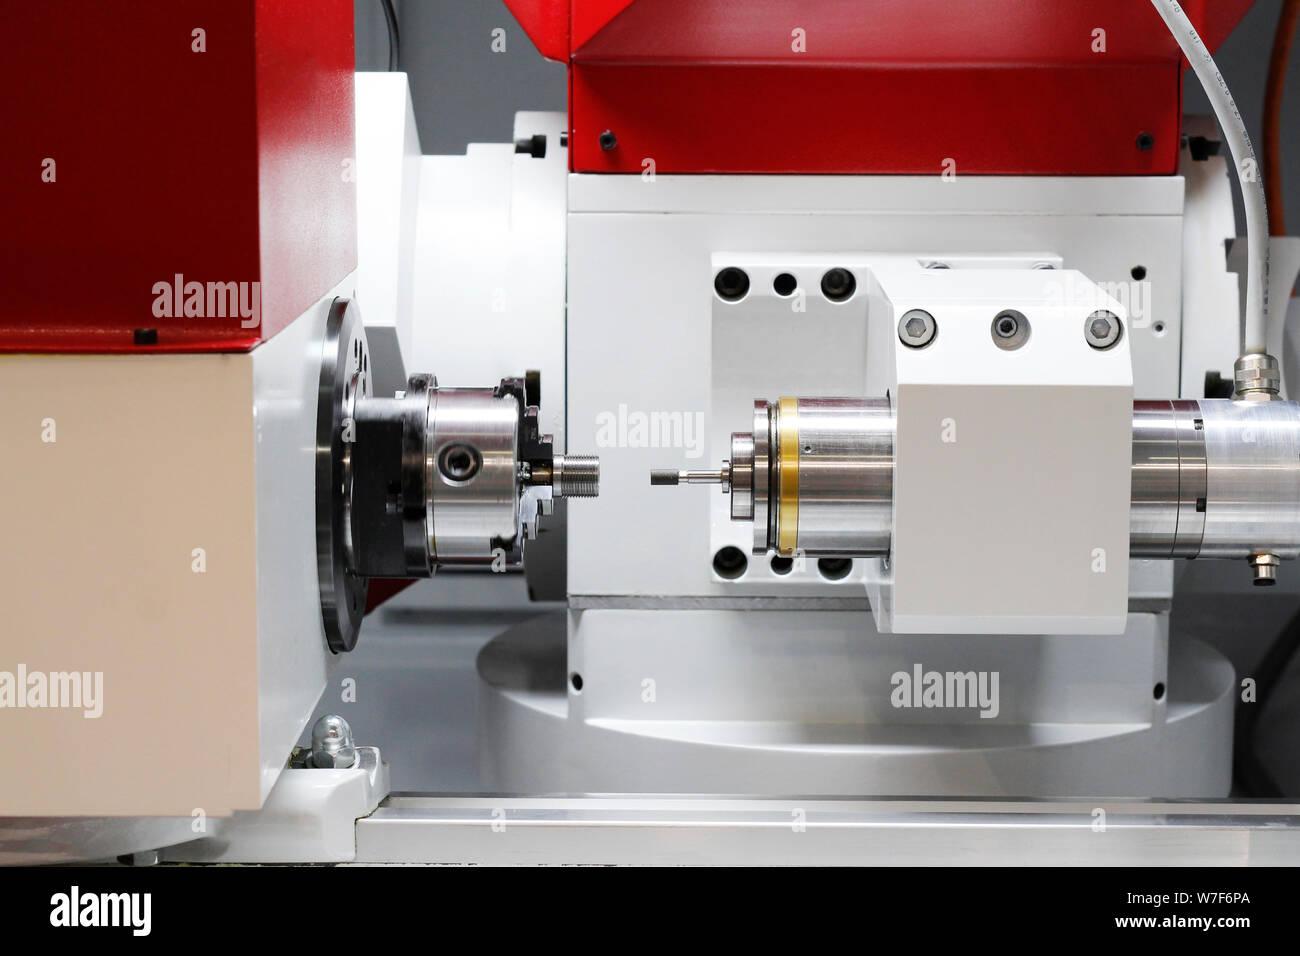 Máquina de mecanizado de metal. Fresadora CNC de metalistería. El corte de metal. La industria del metal. Herramienta de corte para procesamiento de acero eje metálico en un torno en Foto de stock